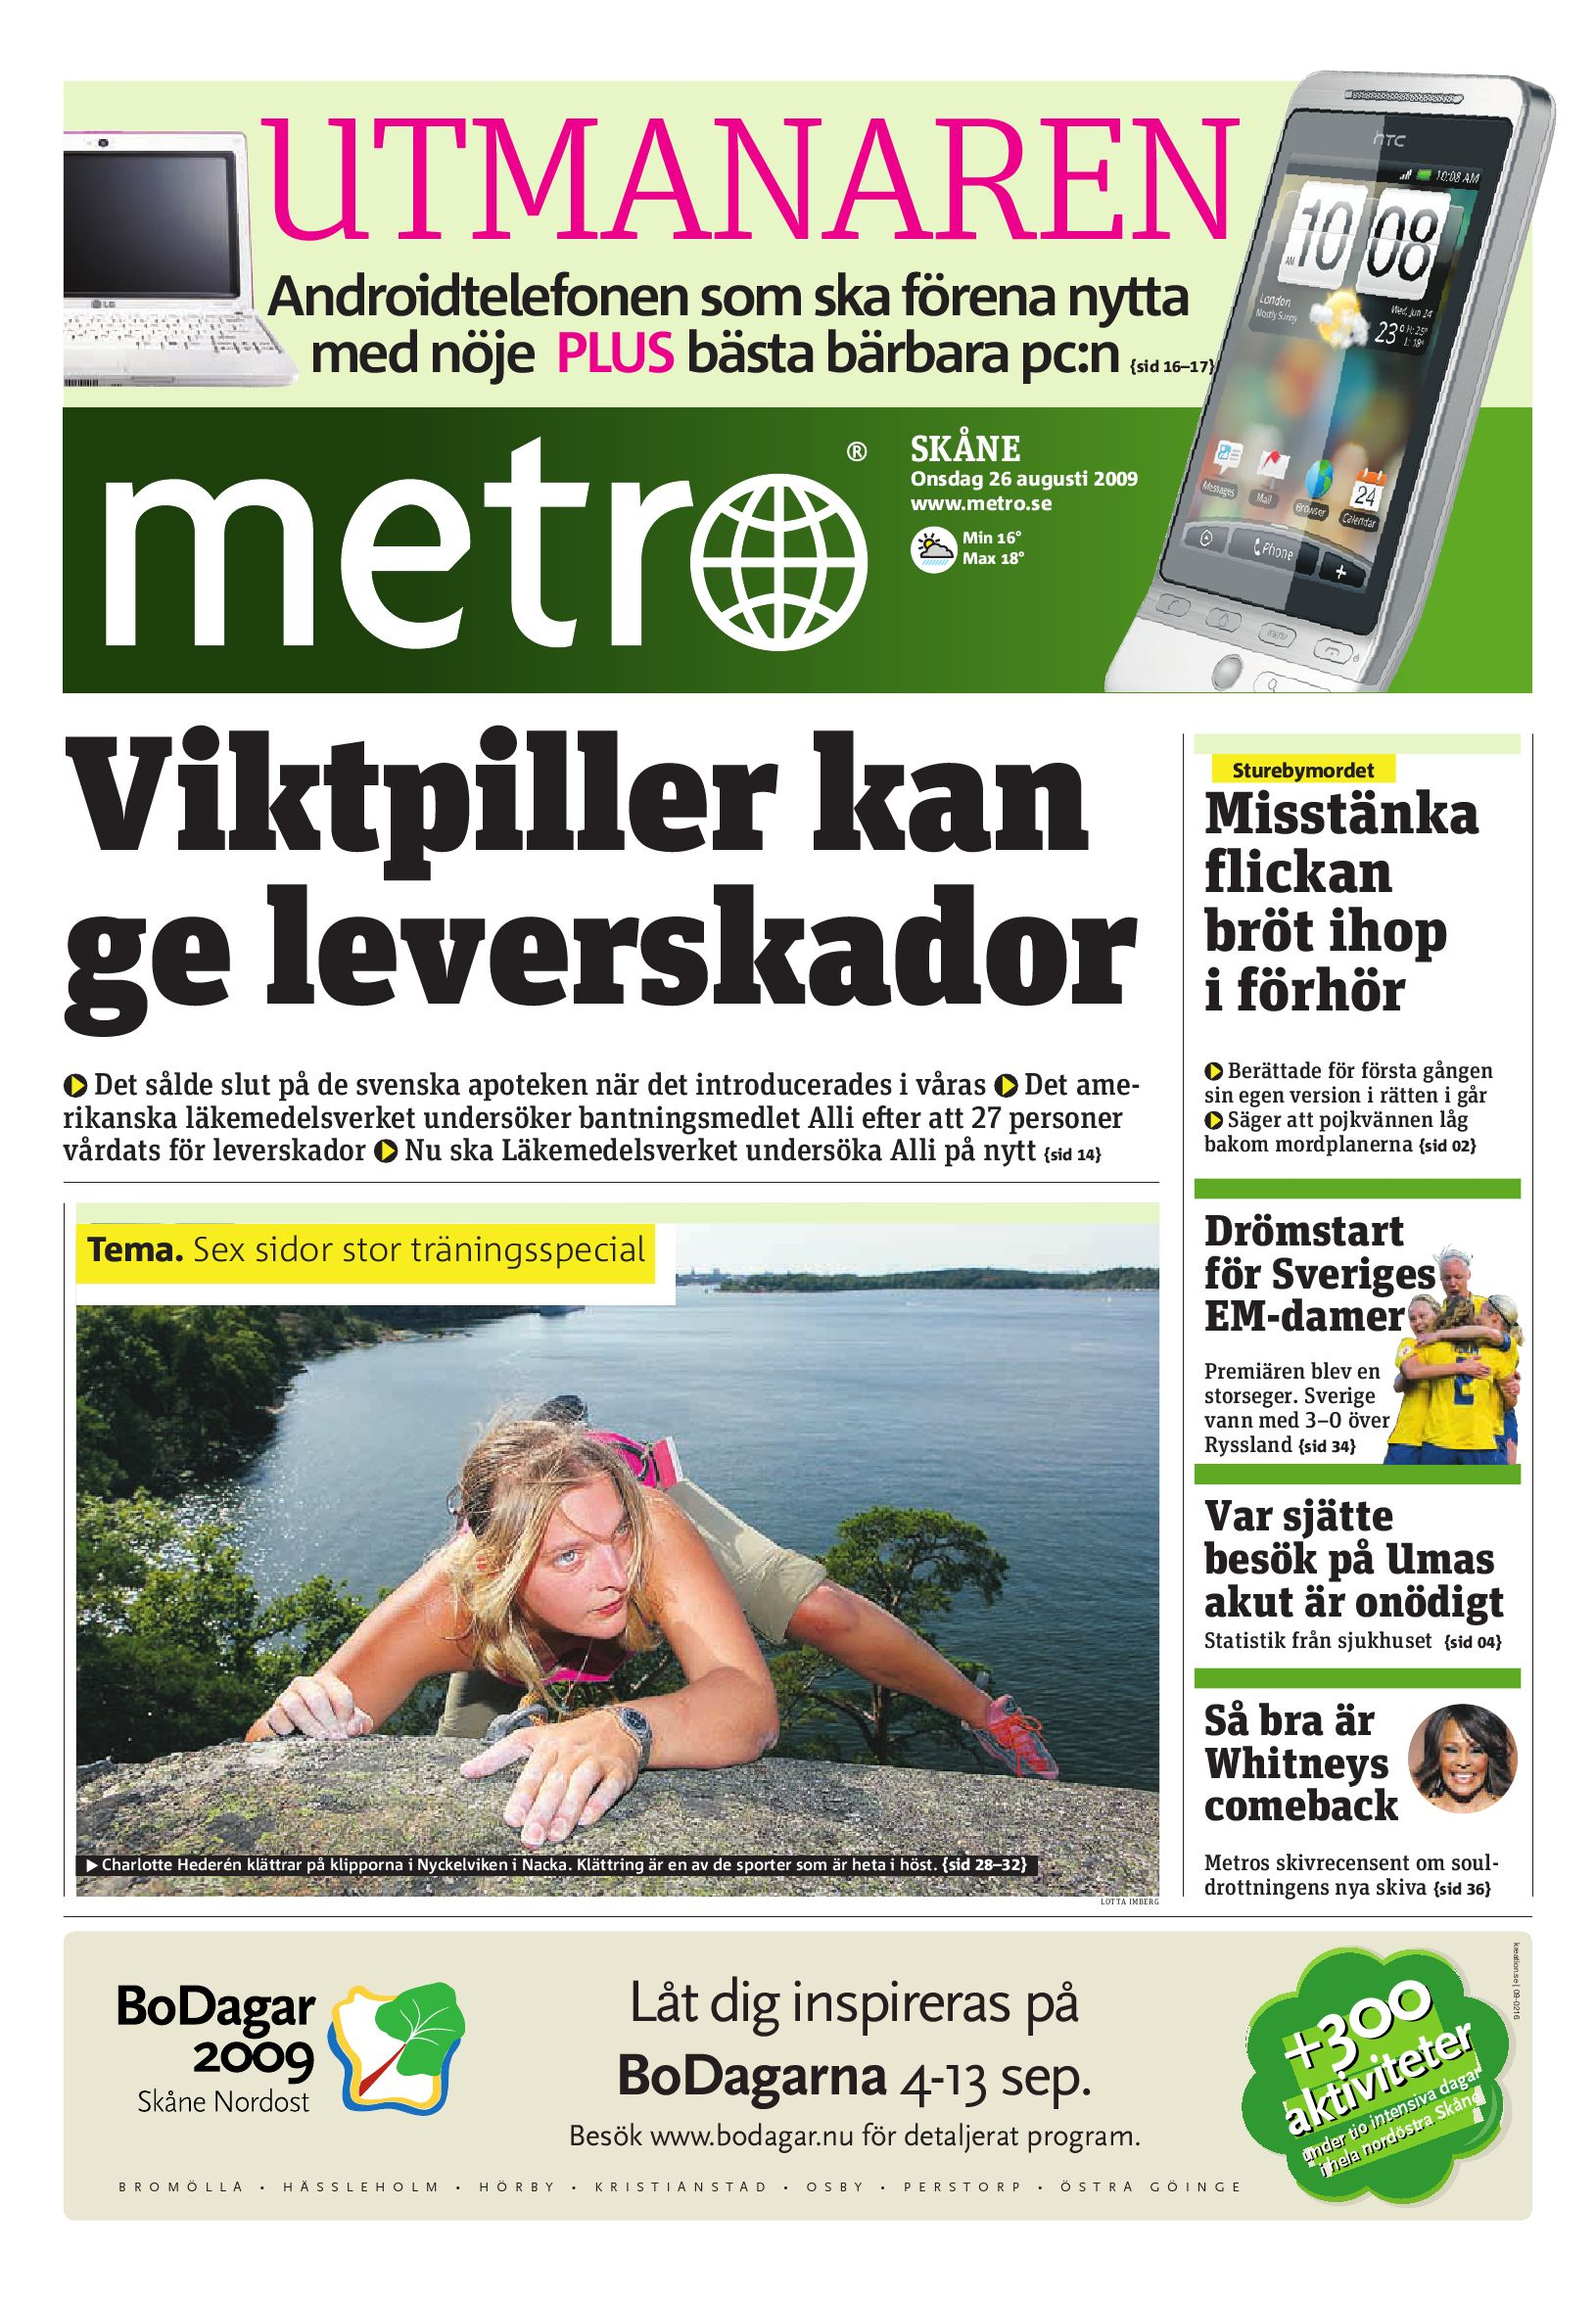 Margaretha Christensen, Kvlingevgen 42, Annelv | unam.net